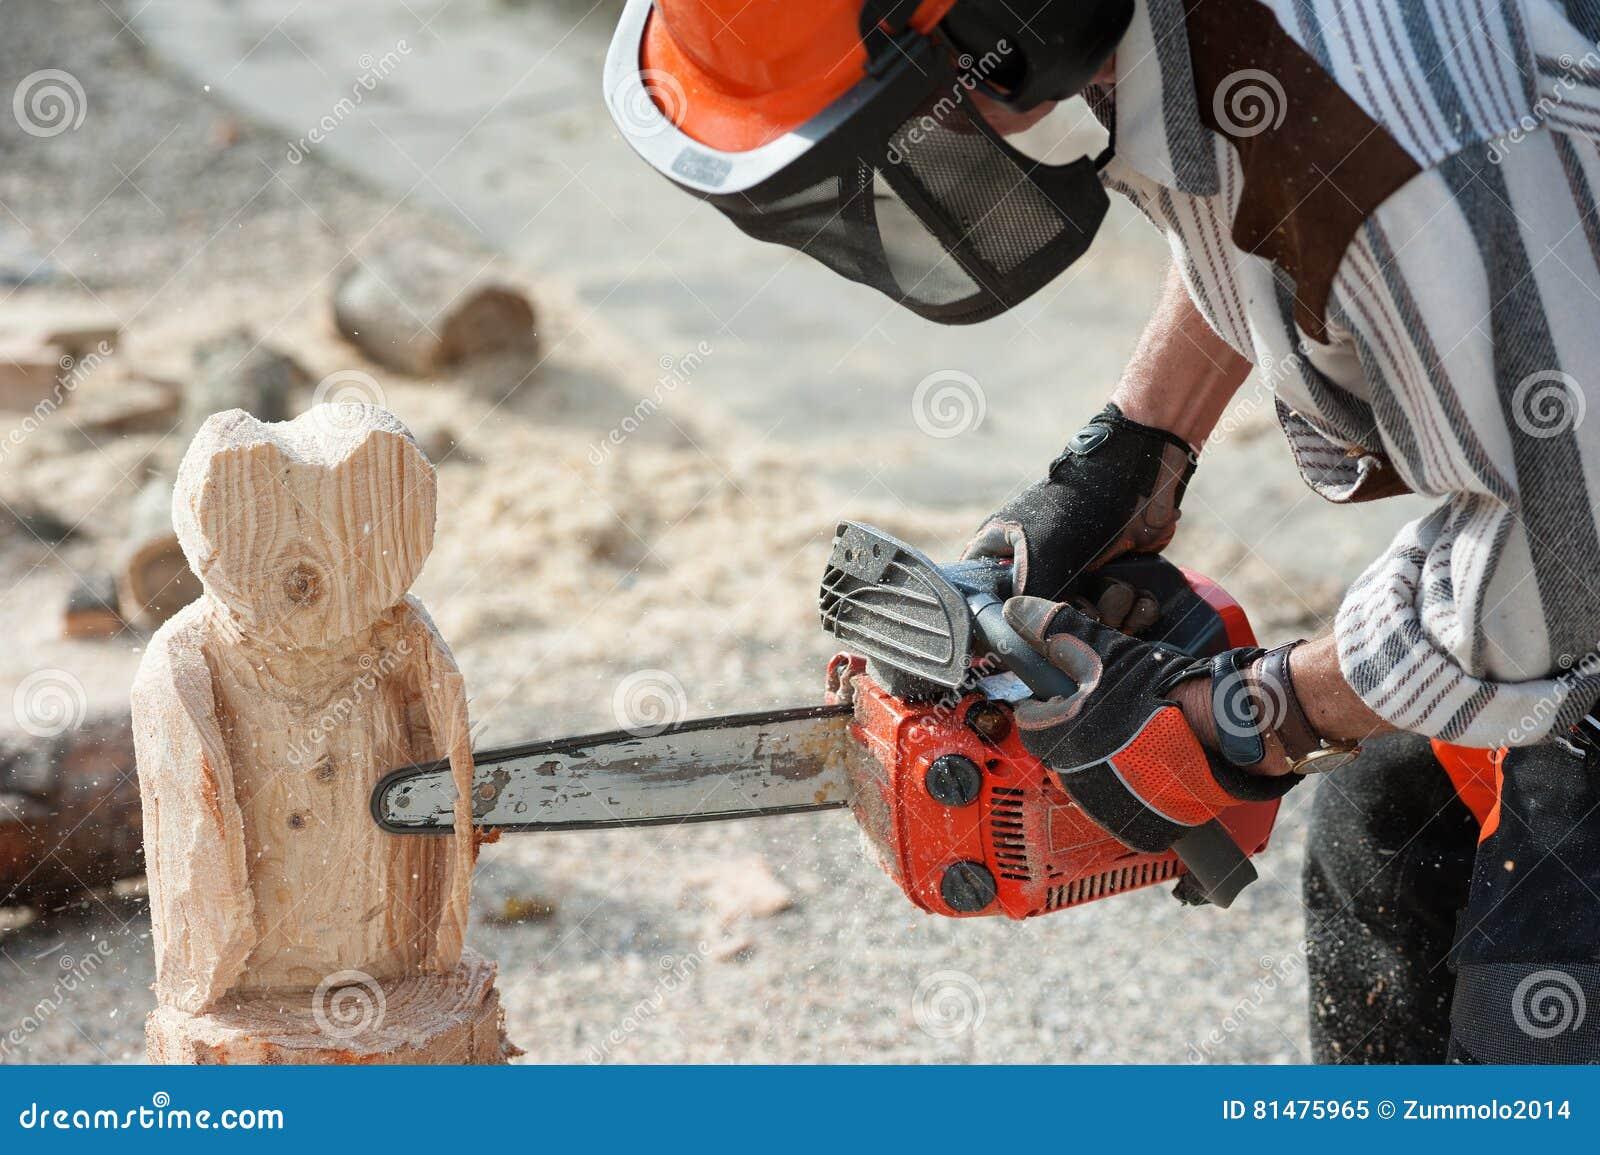 Le sculpteur d coupe le bois avec la tron onneuse image for Bois a la decoupe